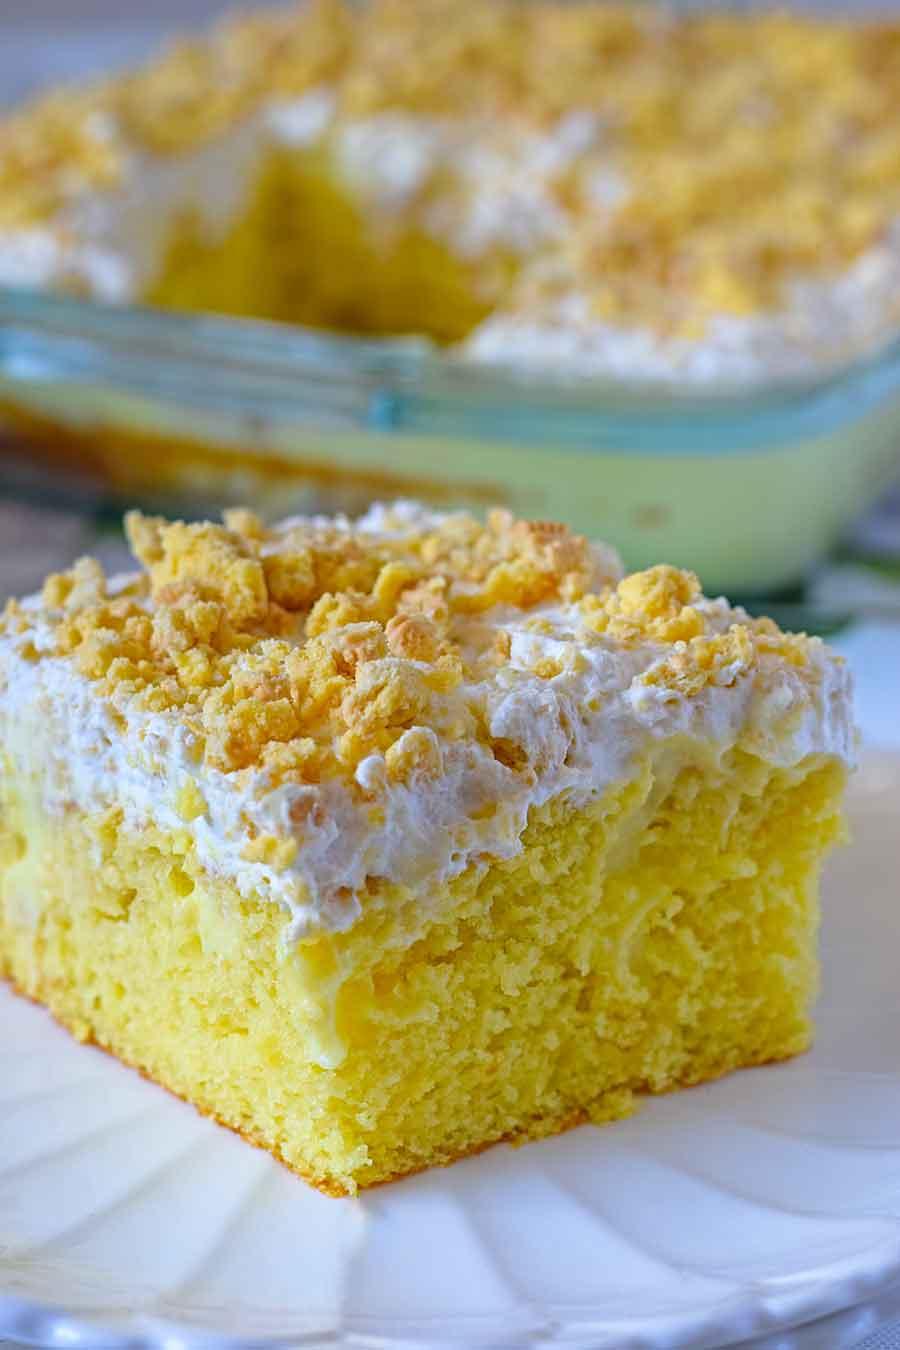 Image of a slice of lemon pudding poke cake topped with whipped lemon oreo icing.